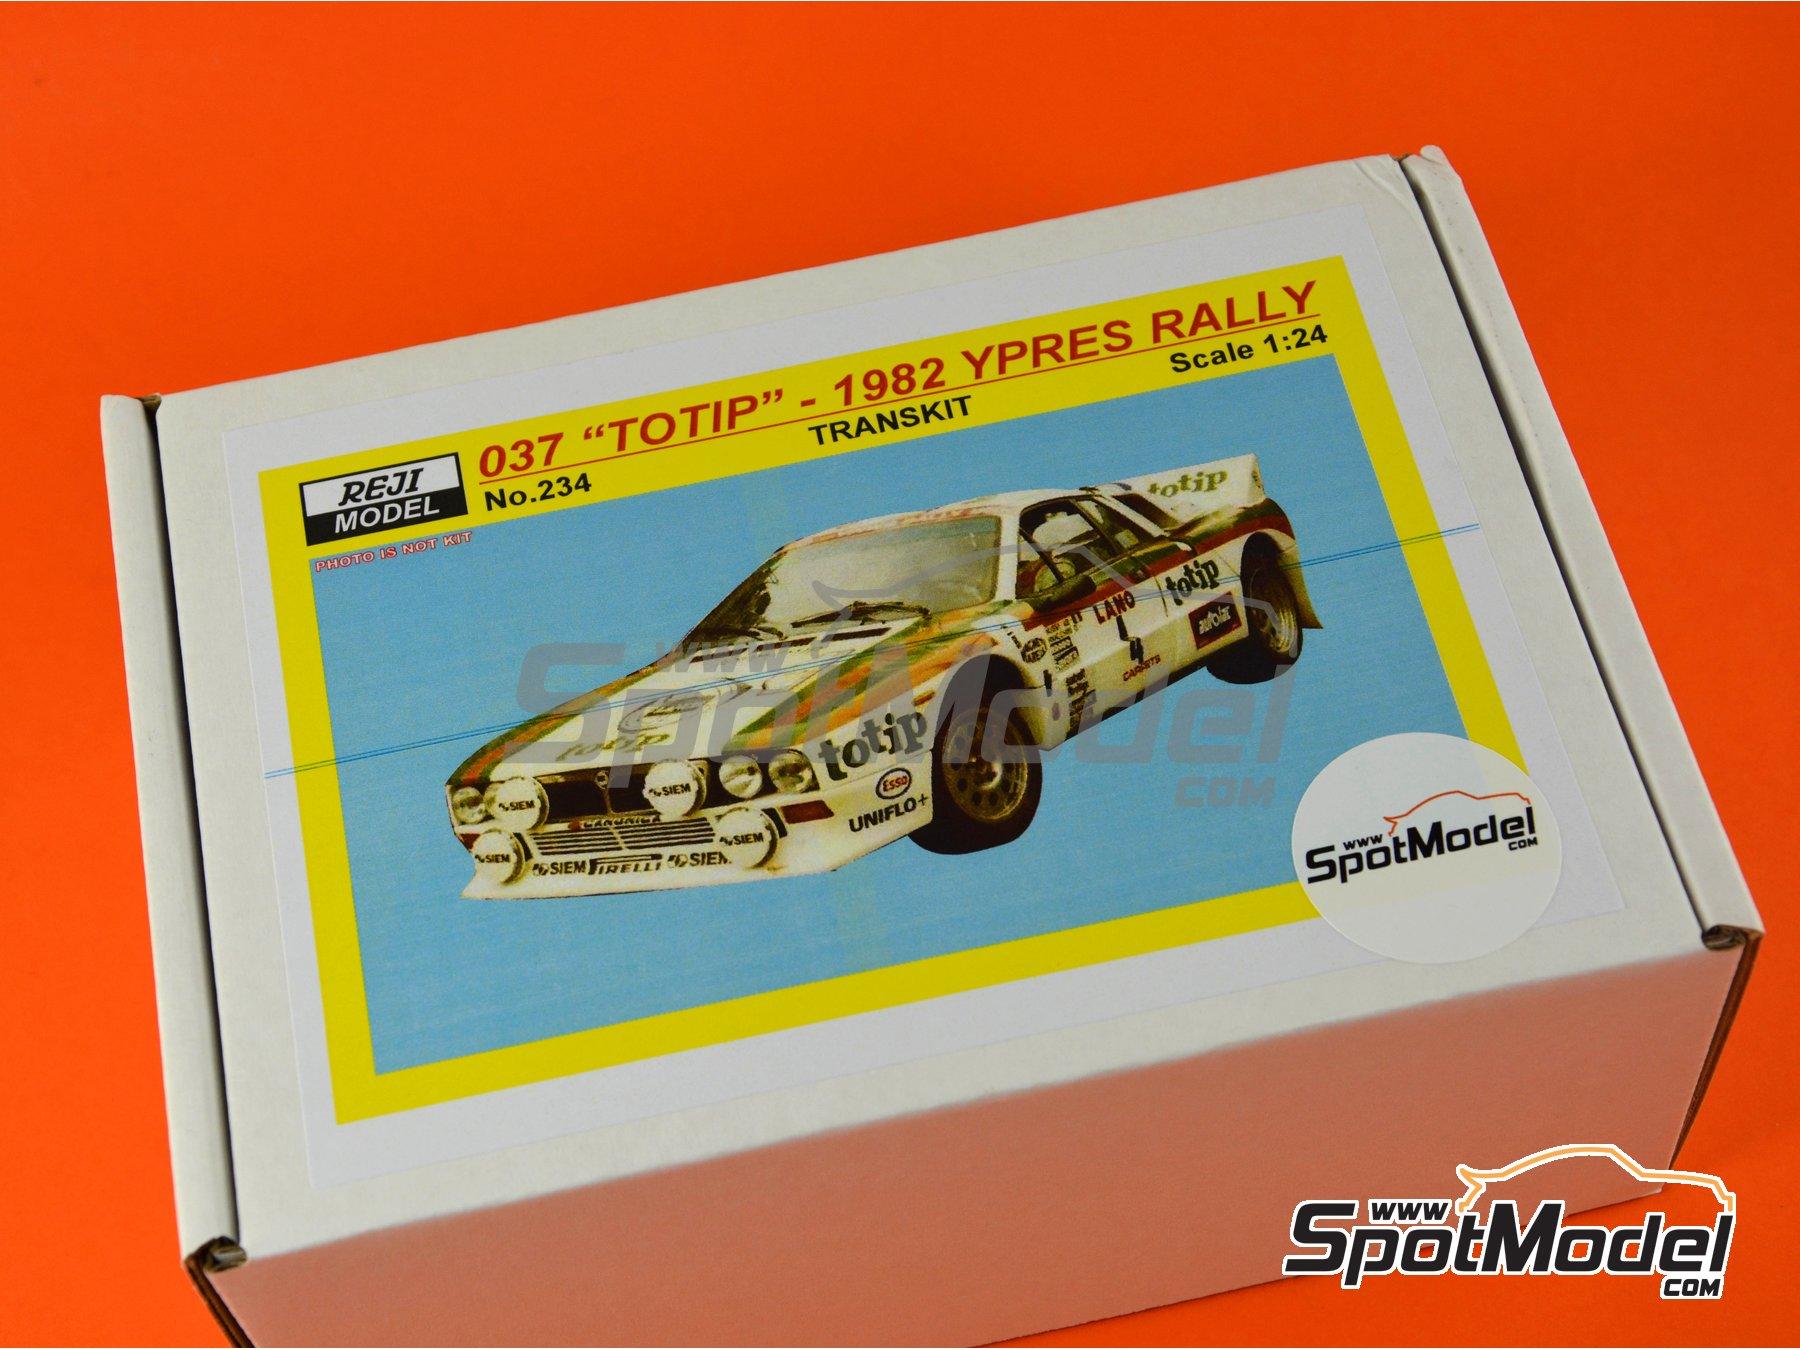 Image 3: Lancia 037 WRC Totip - Rally de Ypres de Belgica 1982   Transkit en escala1/24 fabricado por Reji Model (ref.REJI-234)